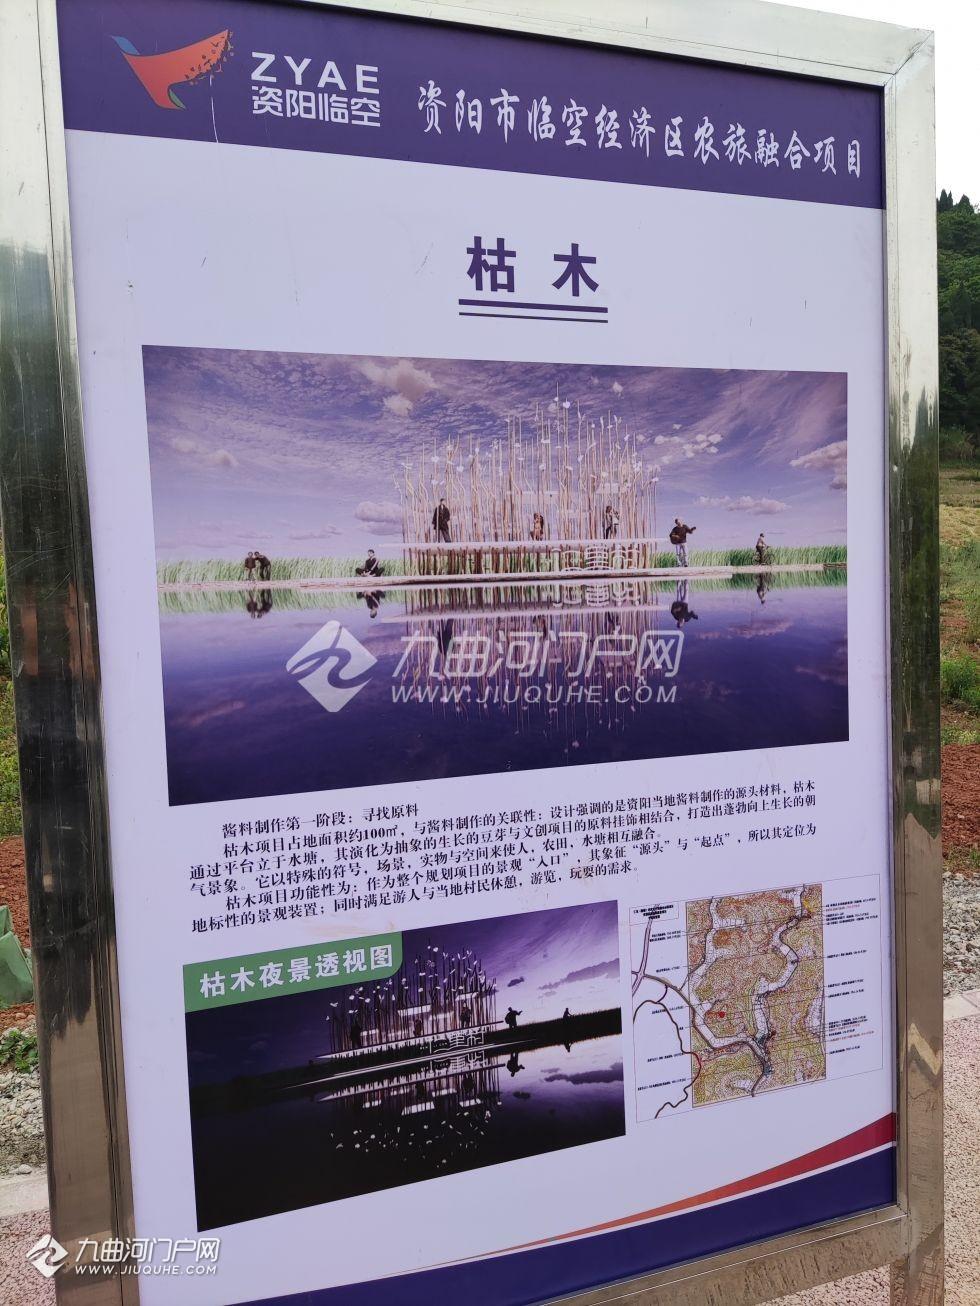 资阳临空经济区还会规划一个酱园集市,应该是农旅主题的项目,很是期待!